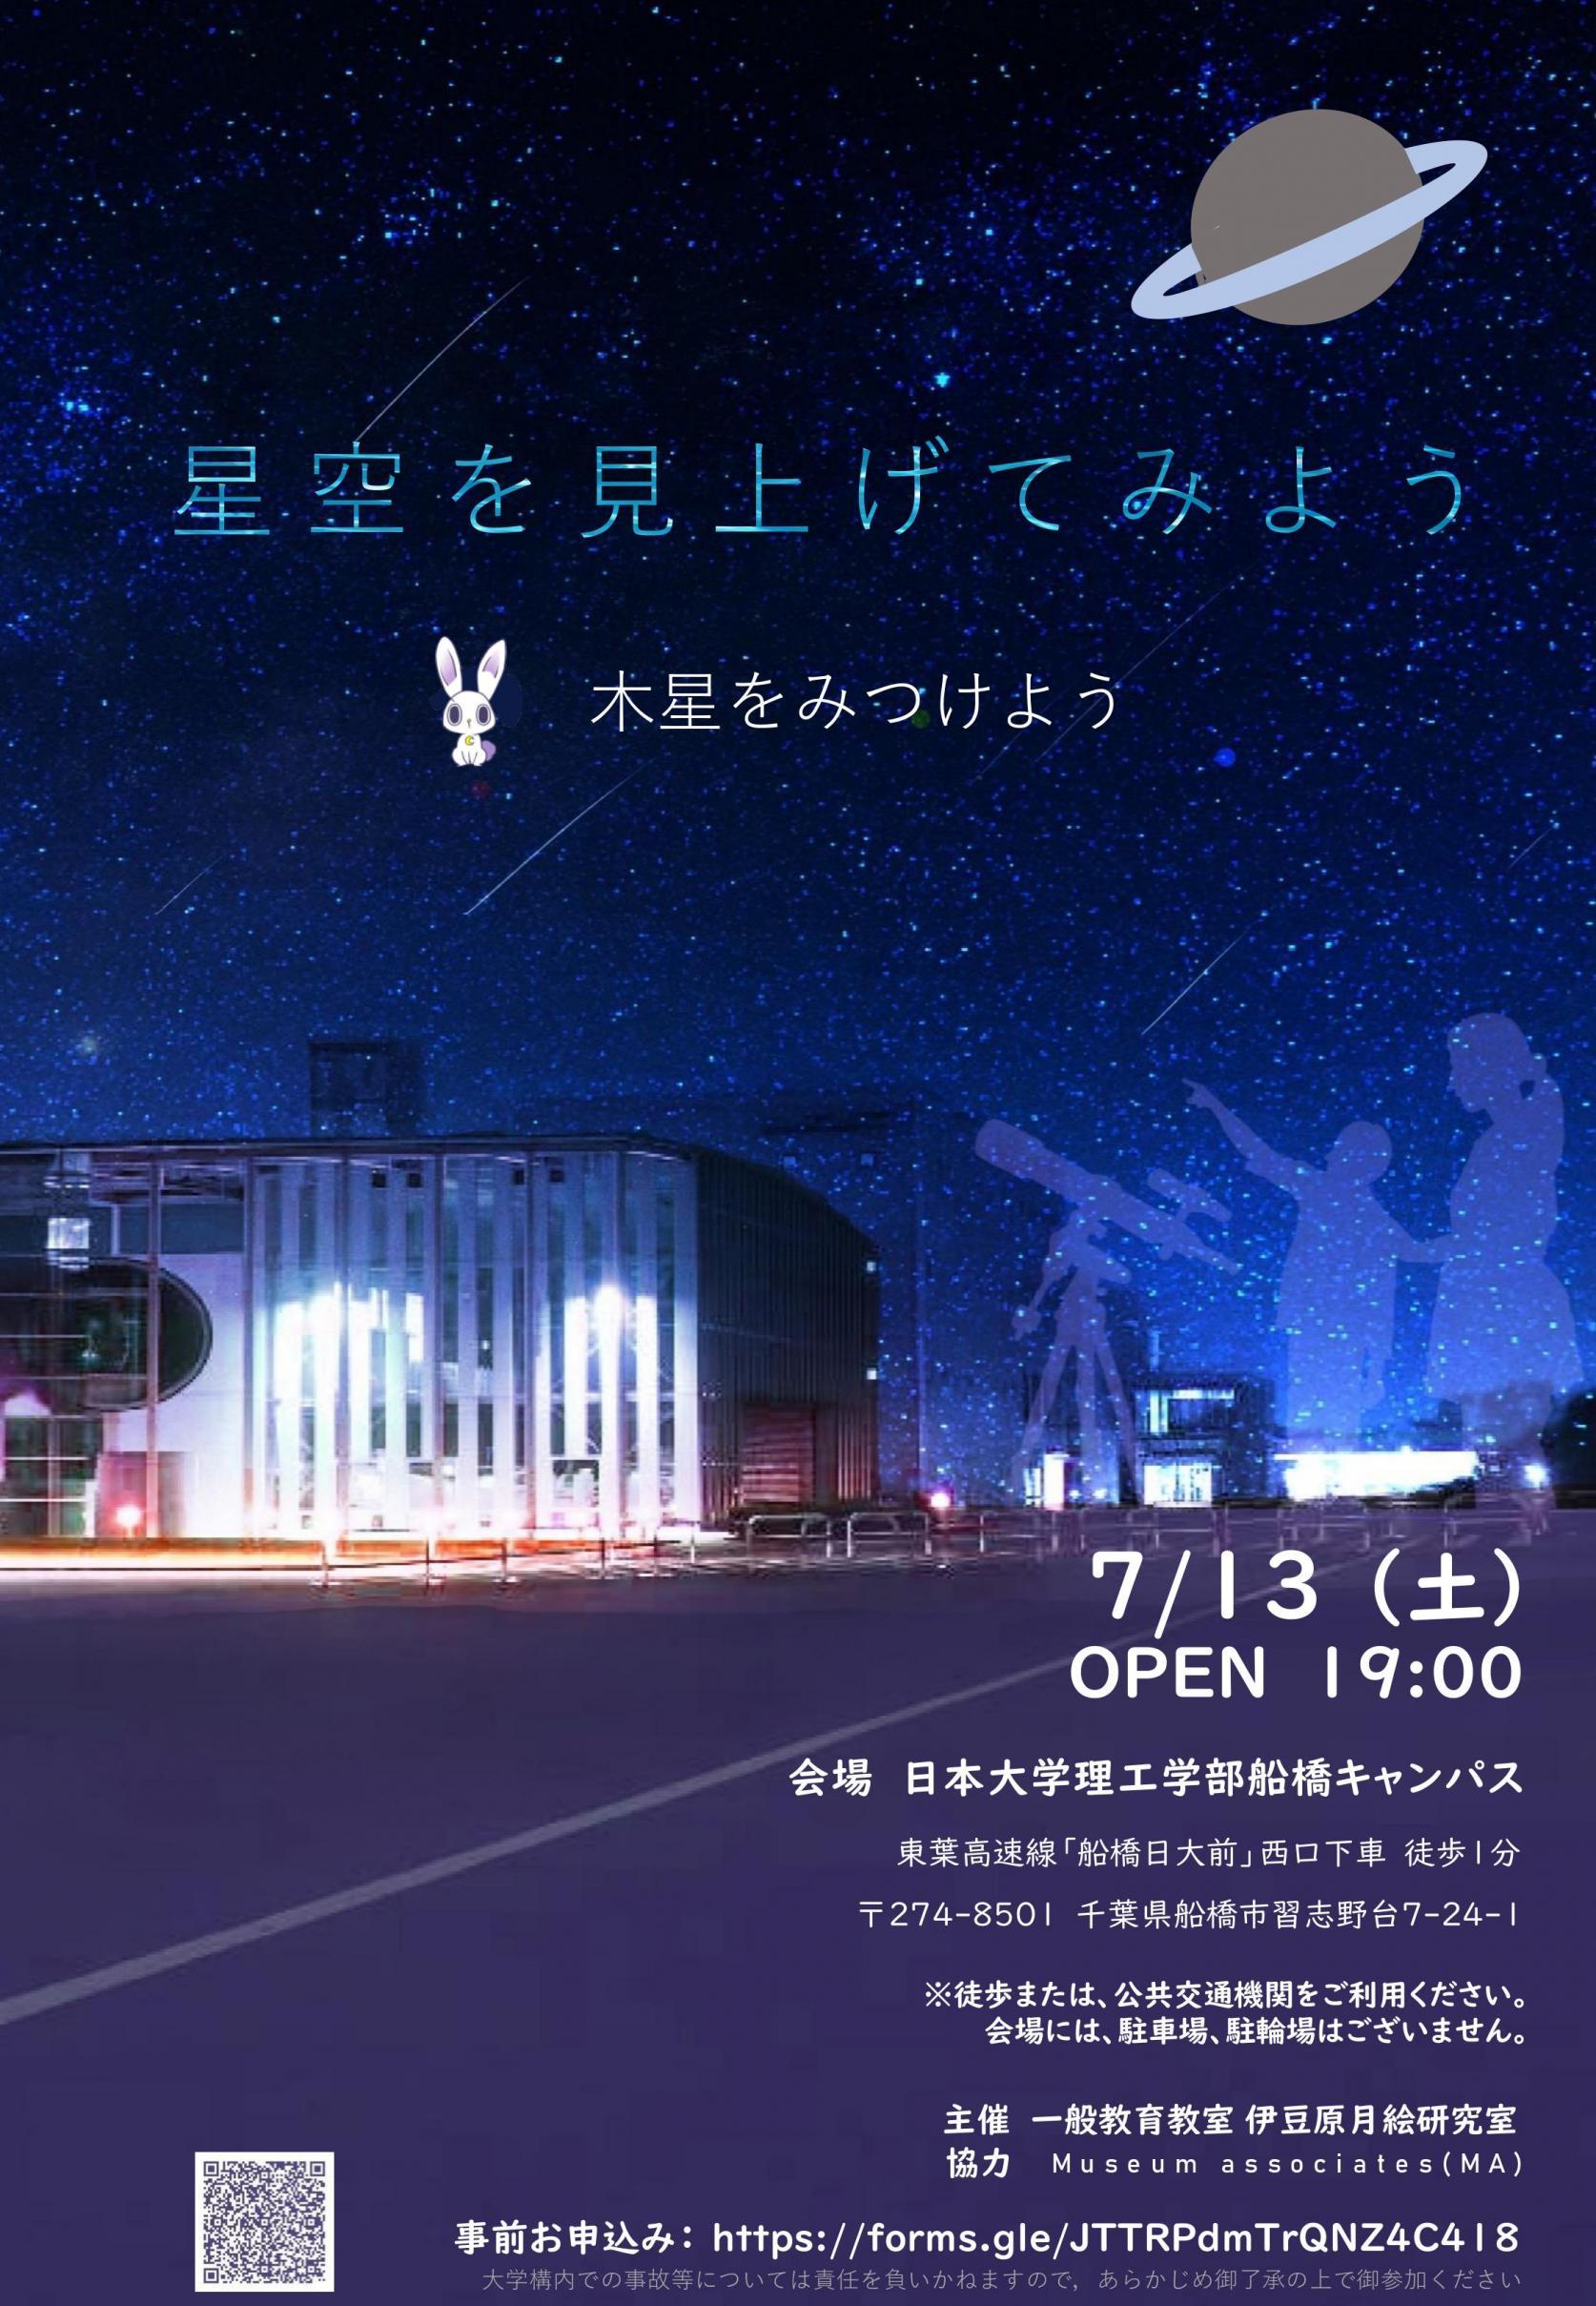 <7月13日(土) 船橋キャンパス開催>星空観測イベント:「星空を見上げてみよう―木星をみつけようー」開催